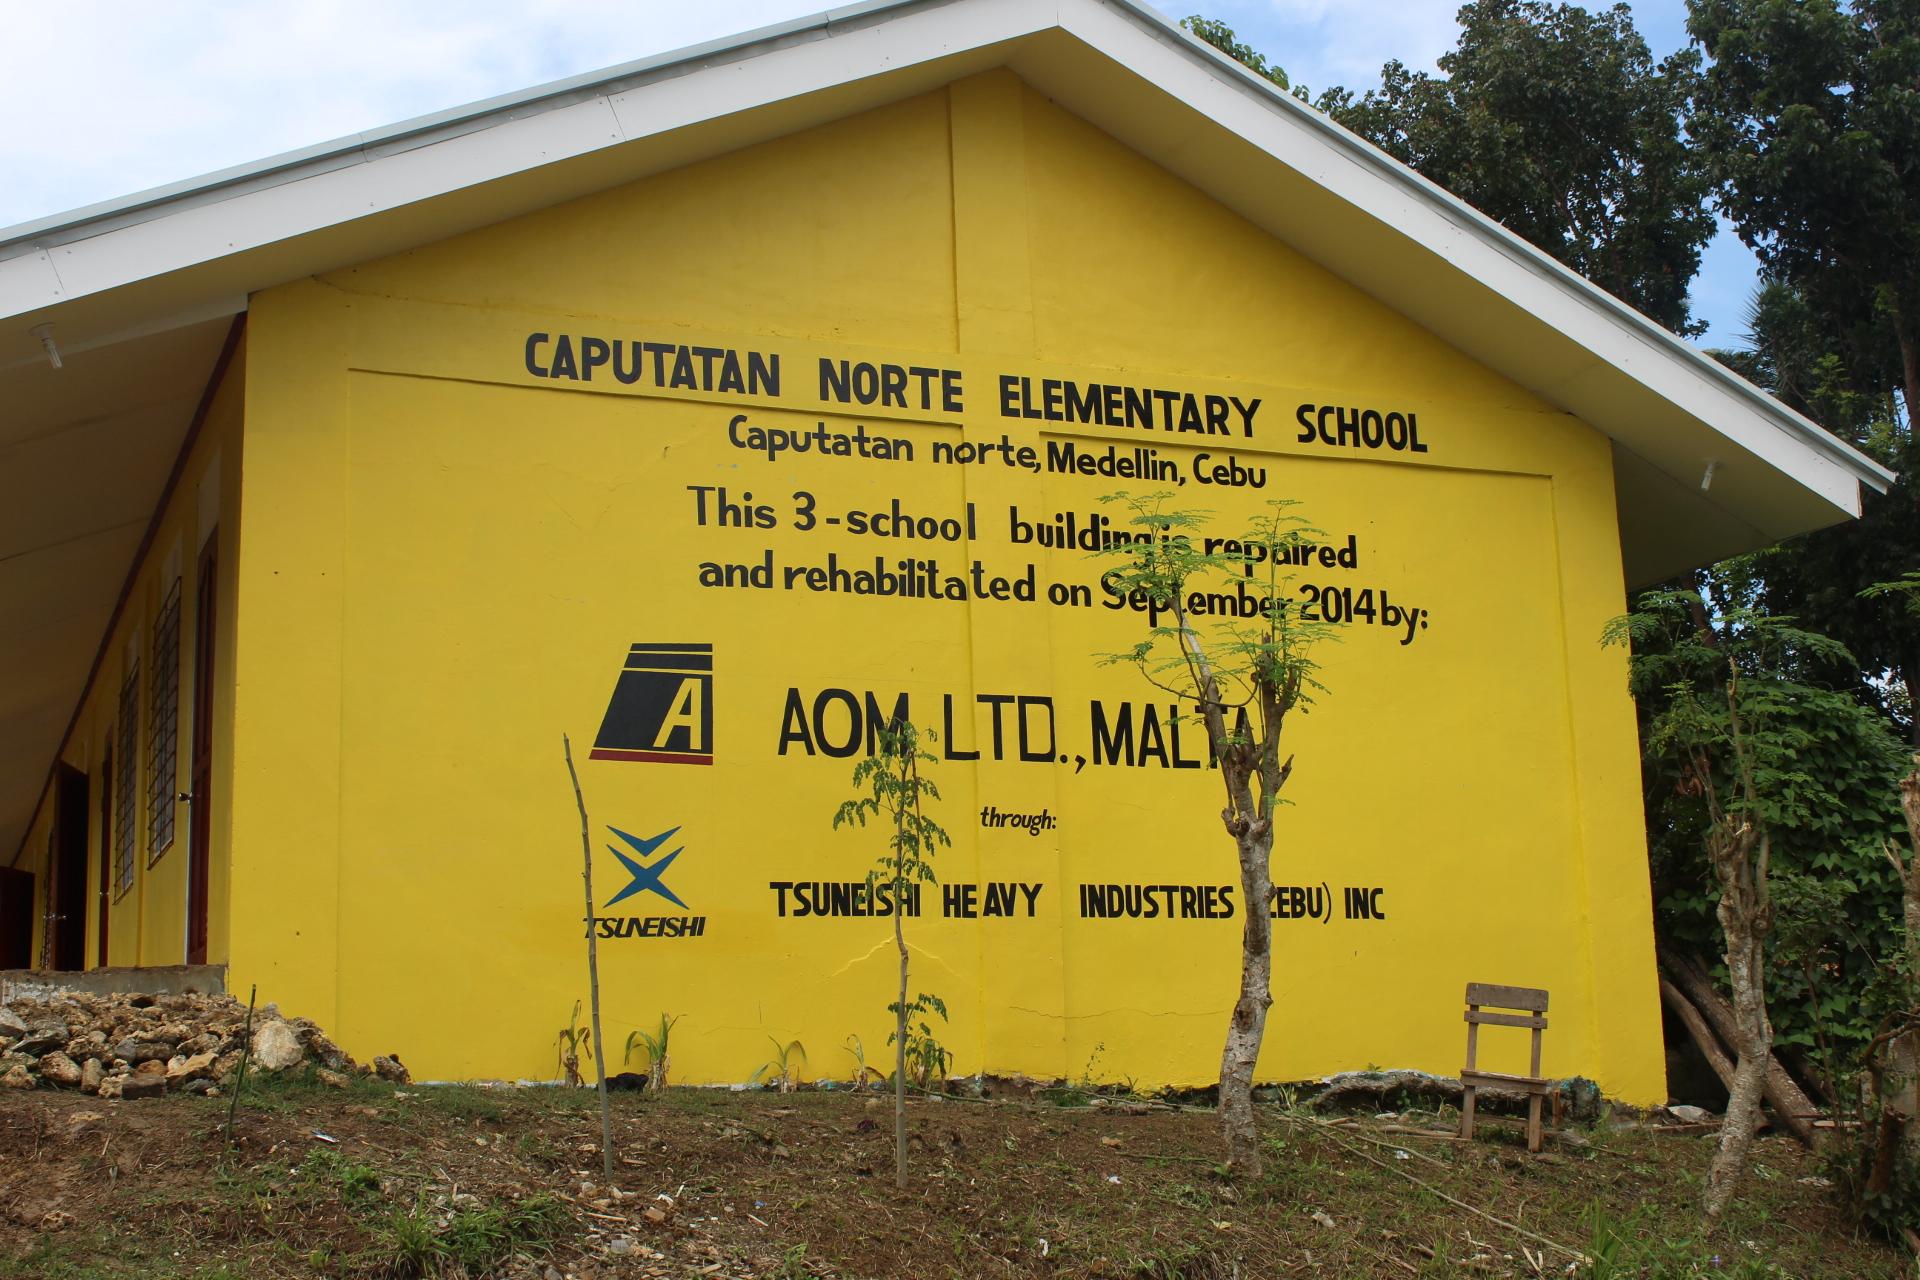 海外船东公司通过TSUNEISHI HEAVY INDUSTRIES (CEBU), Inc.向台风受灾区域2所小学捐赠善款修建校舍,校舍交付仪式于9月30 日举行